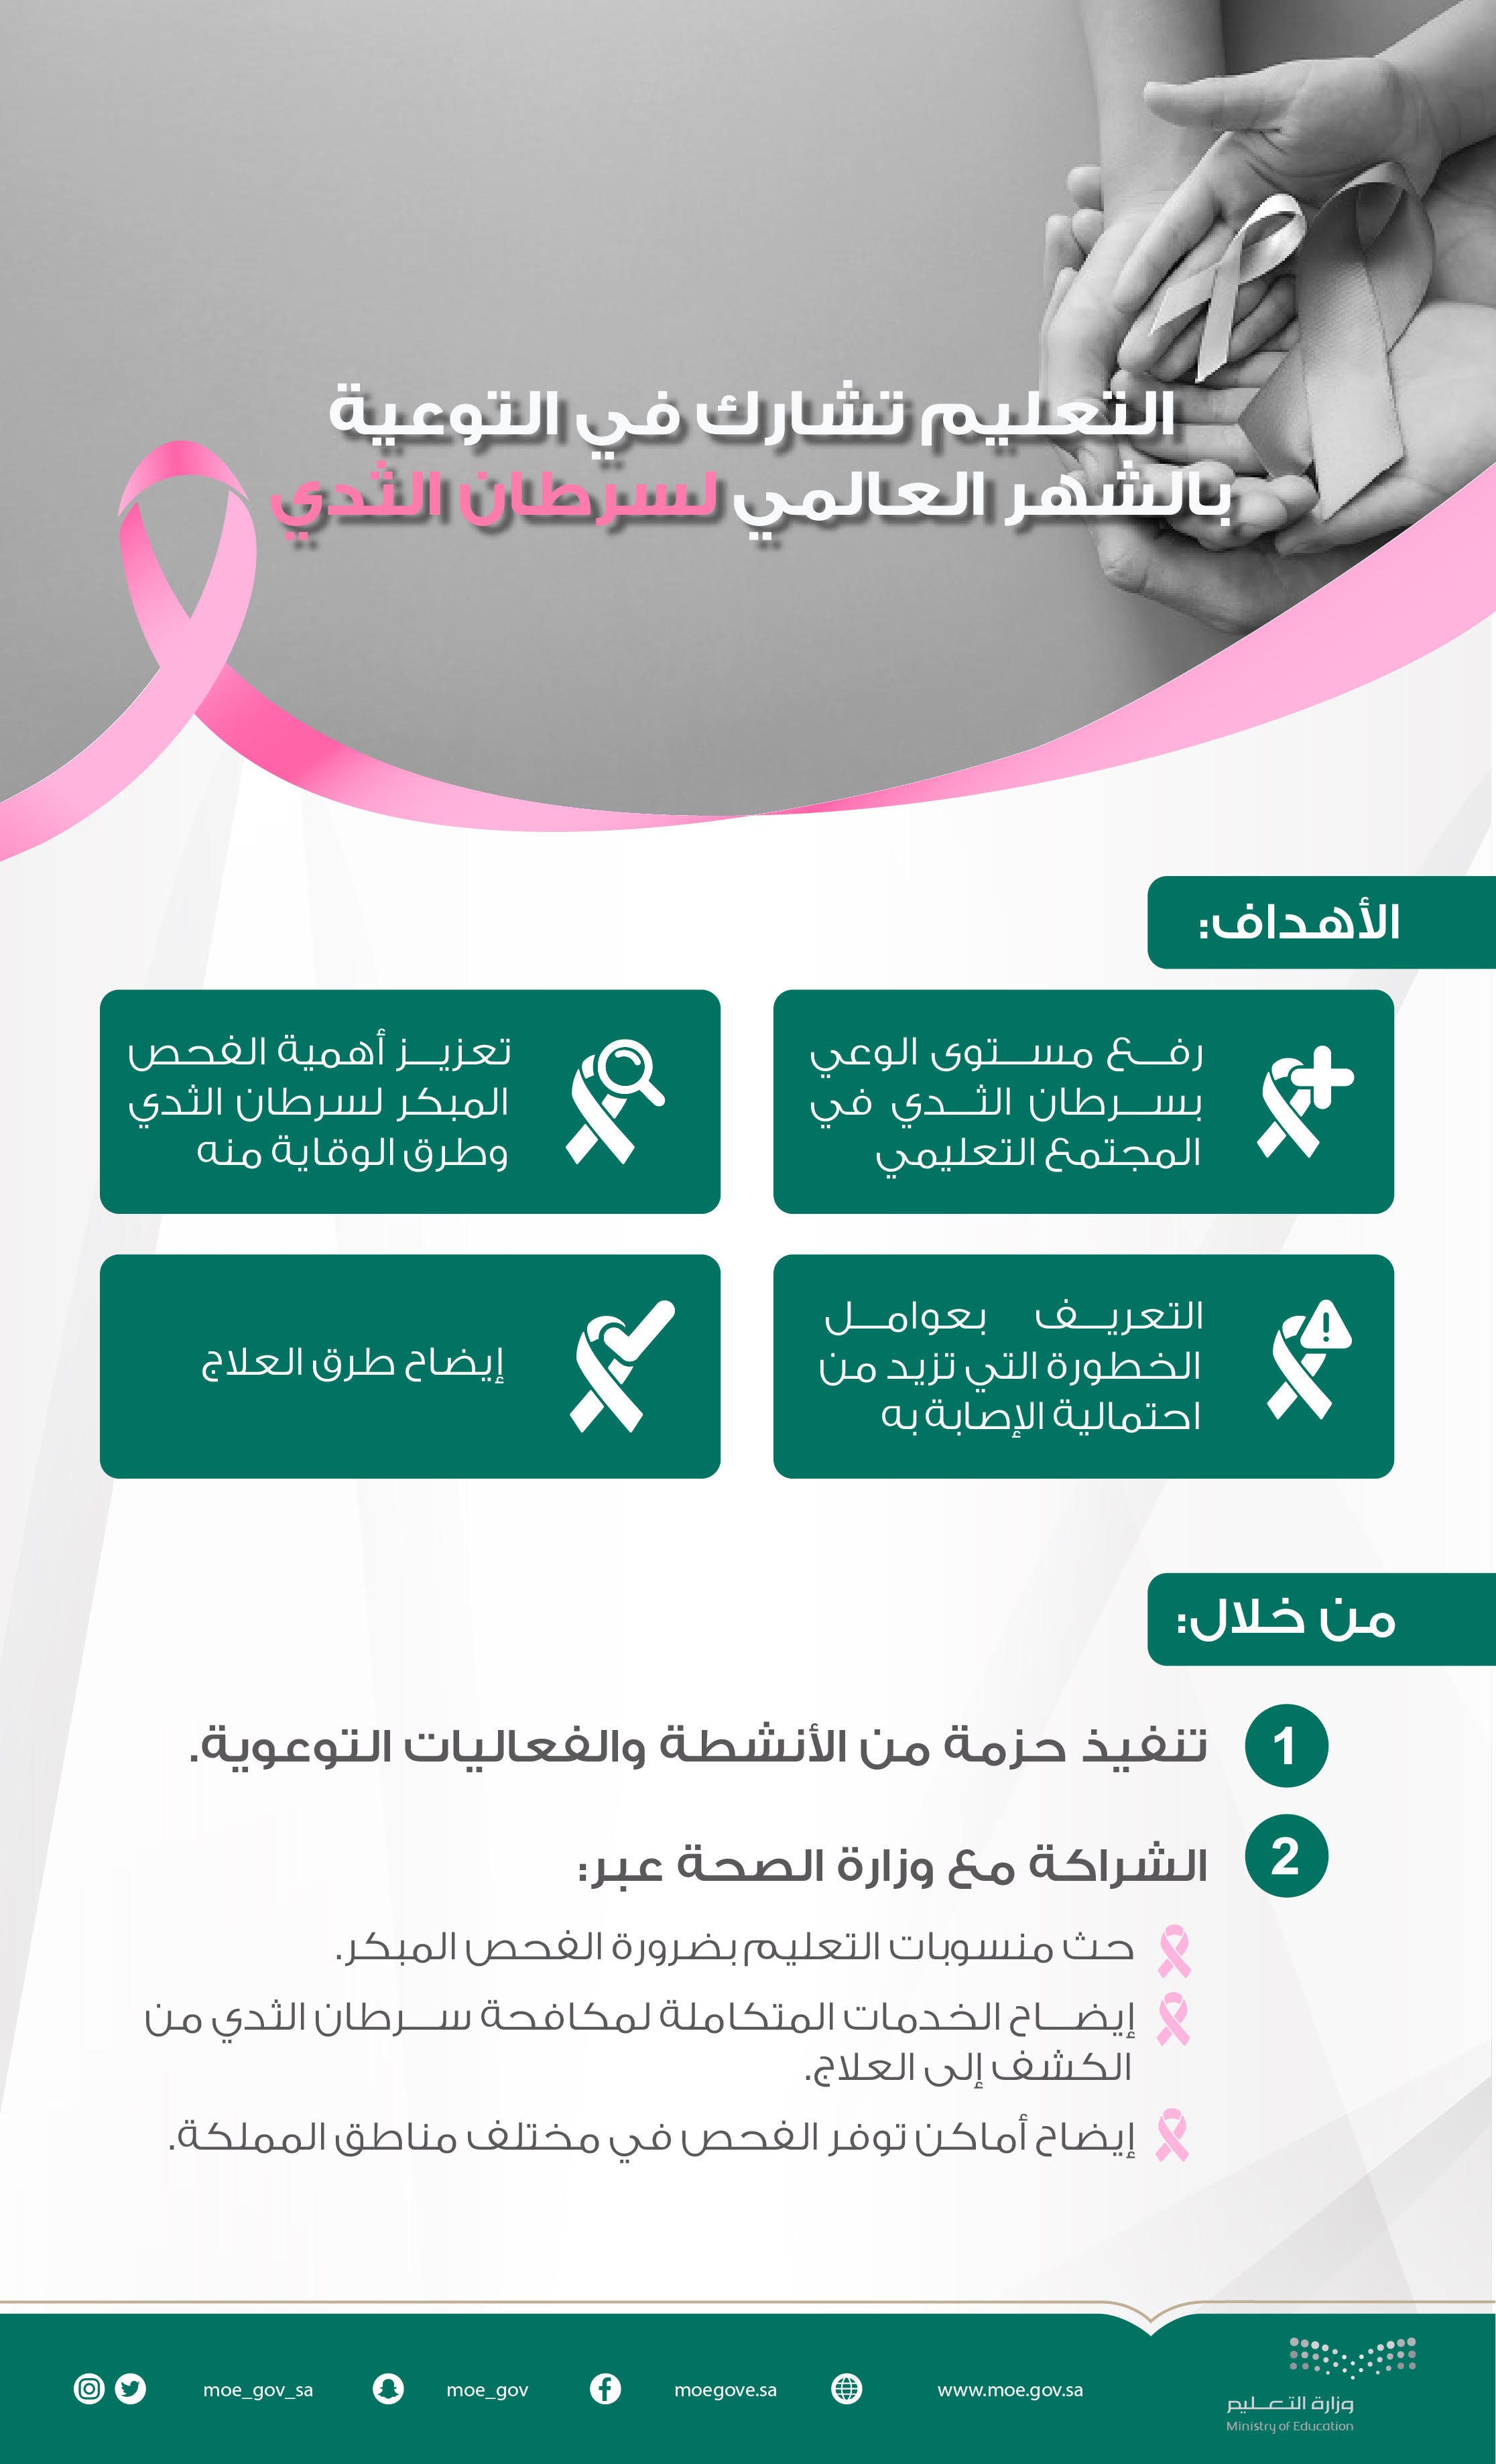 الفحص المبكر لسرطان الثدي